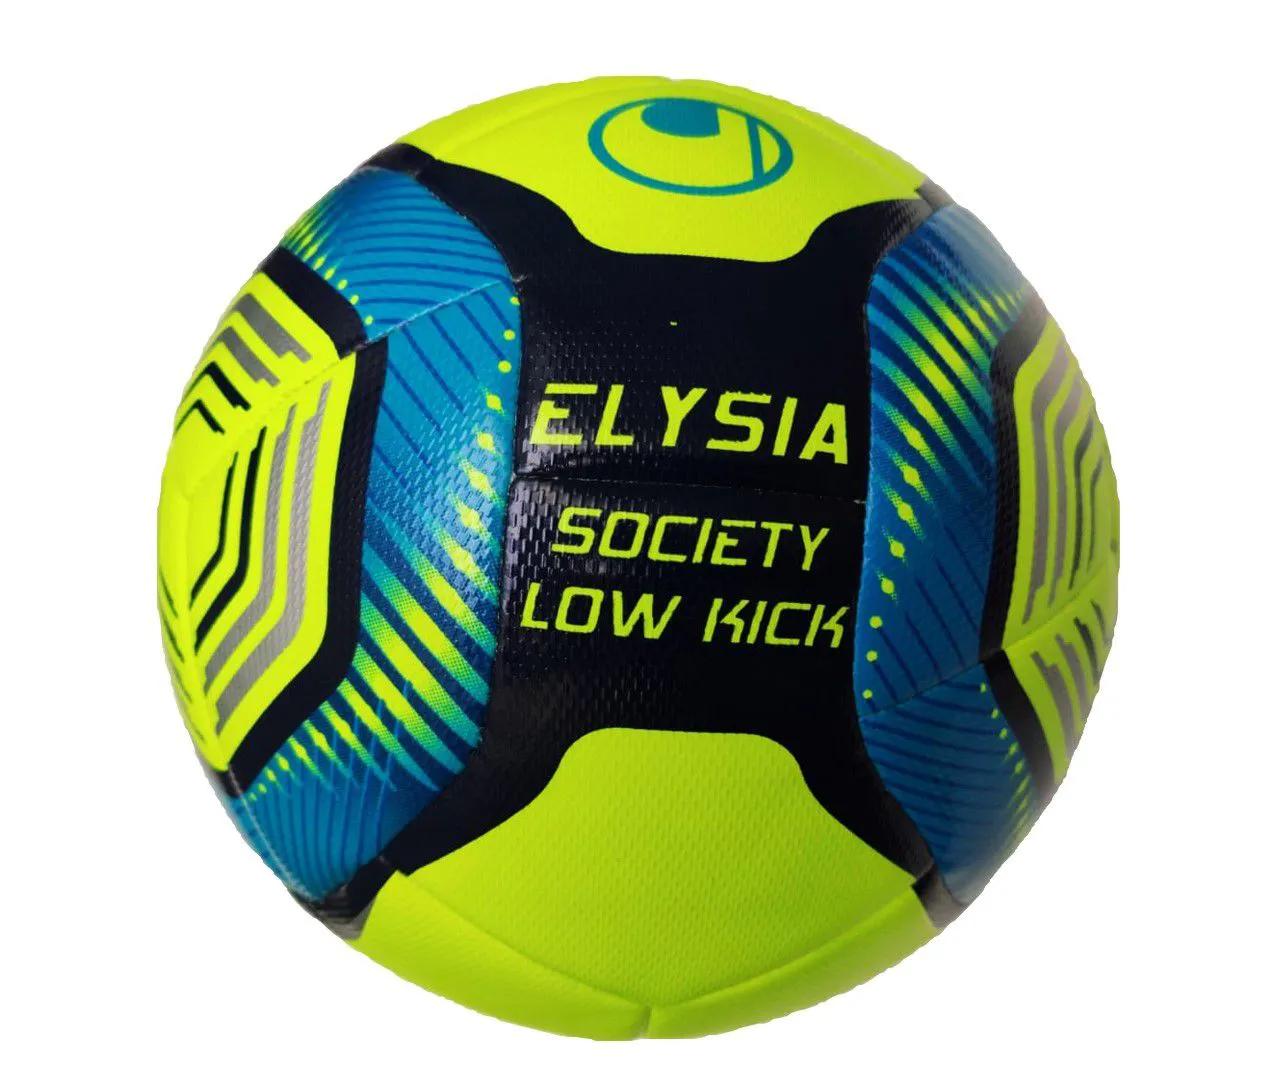 Bola de Futebol Society Uhlsport Elysia - Low kick Top de linha